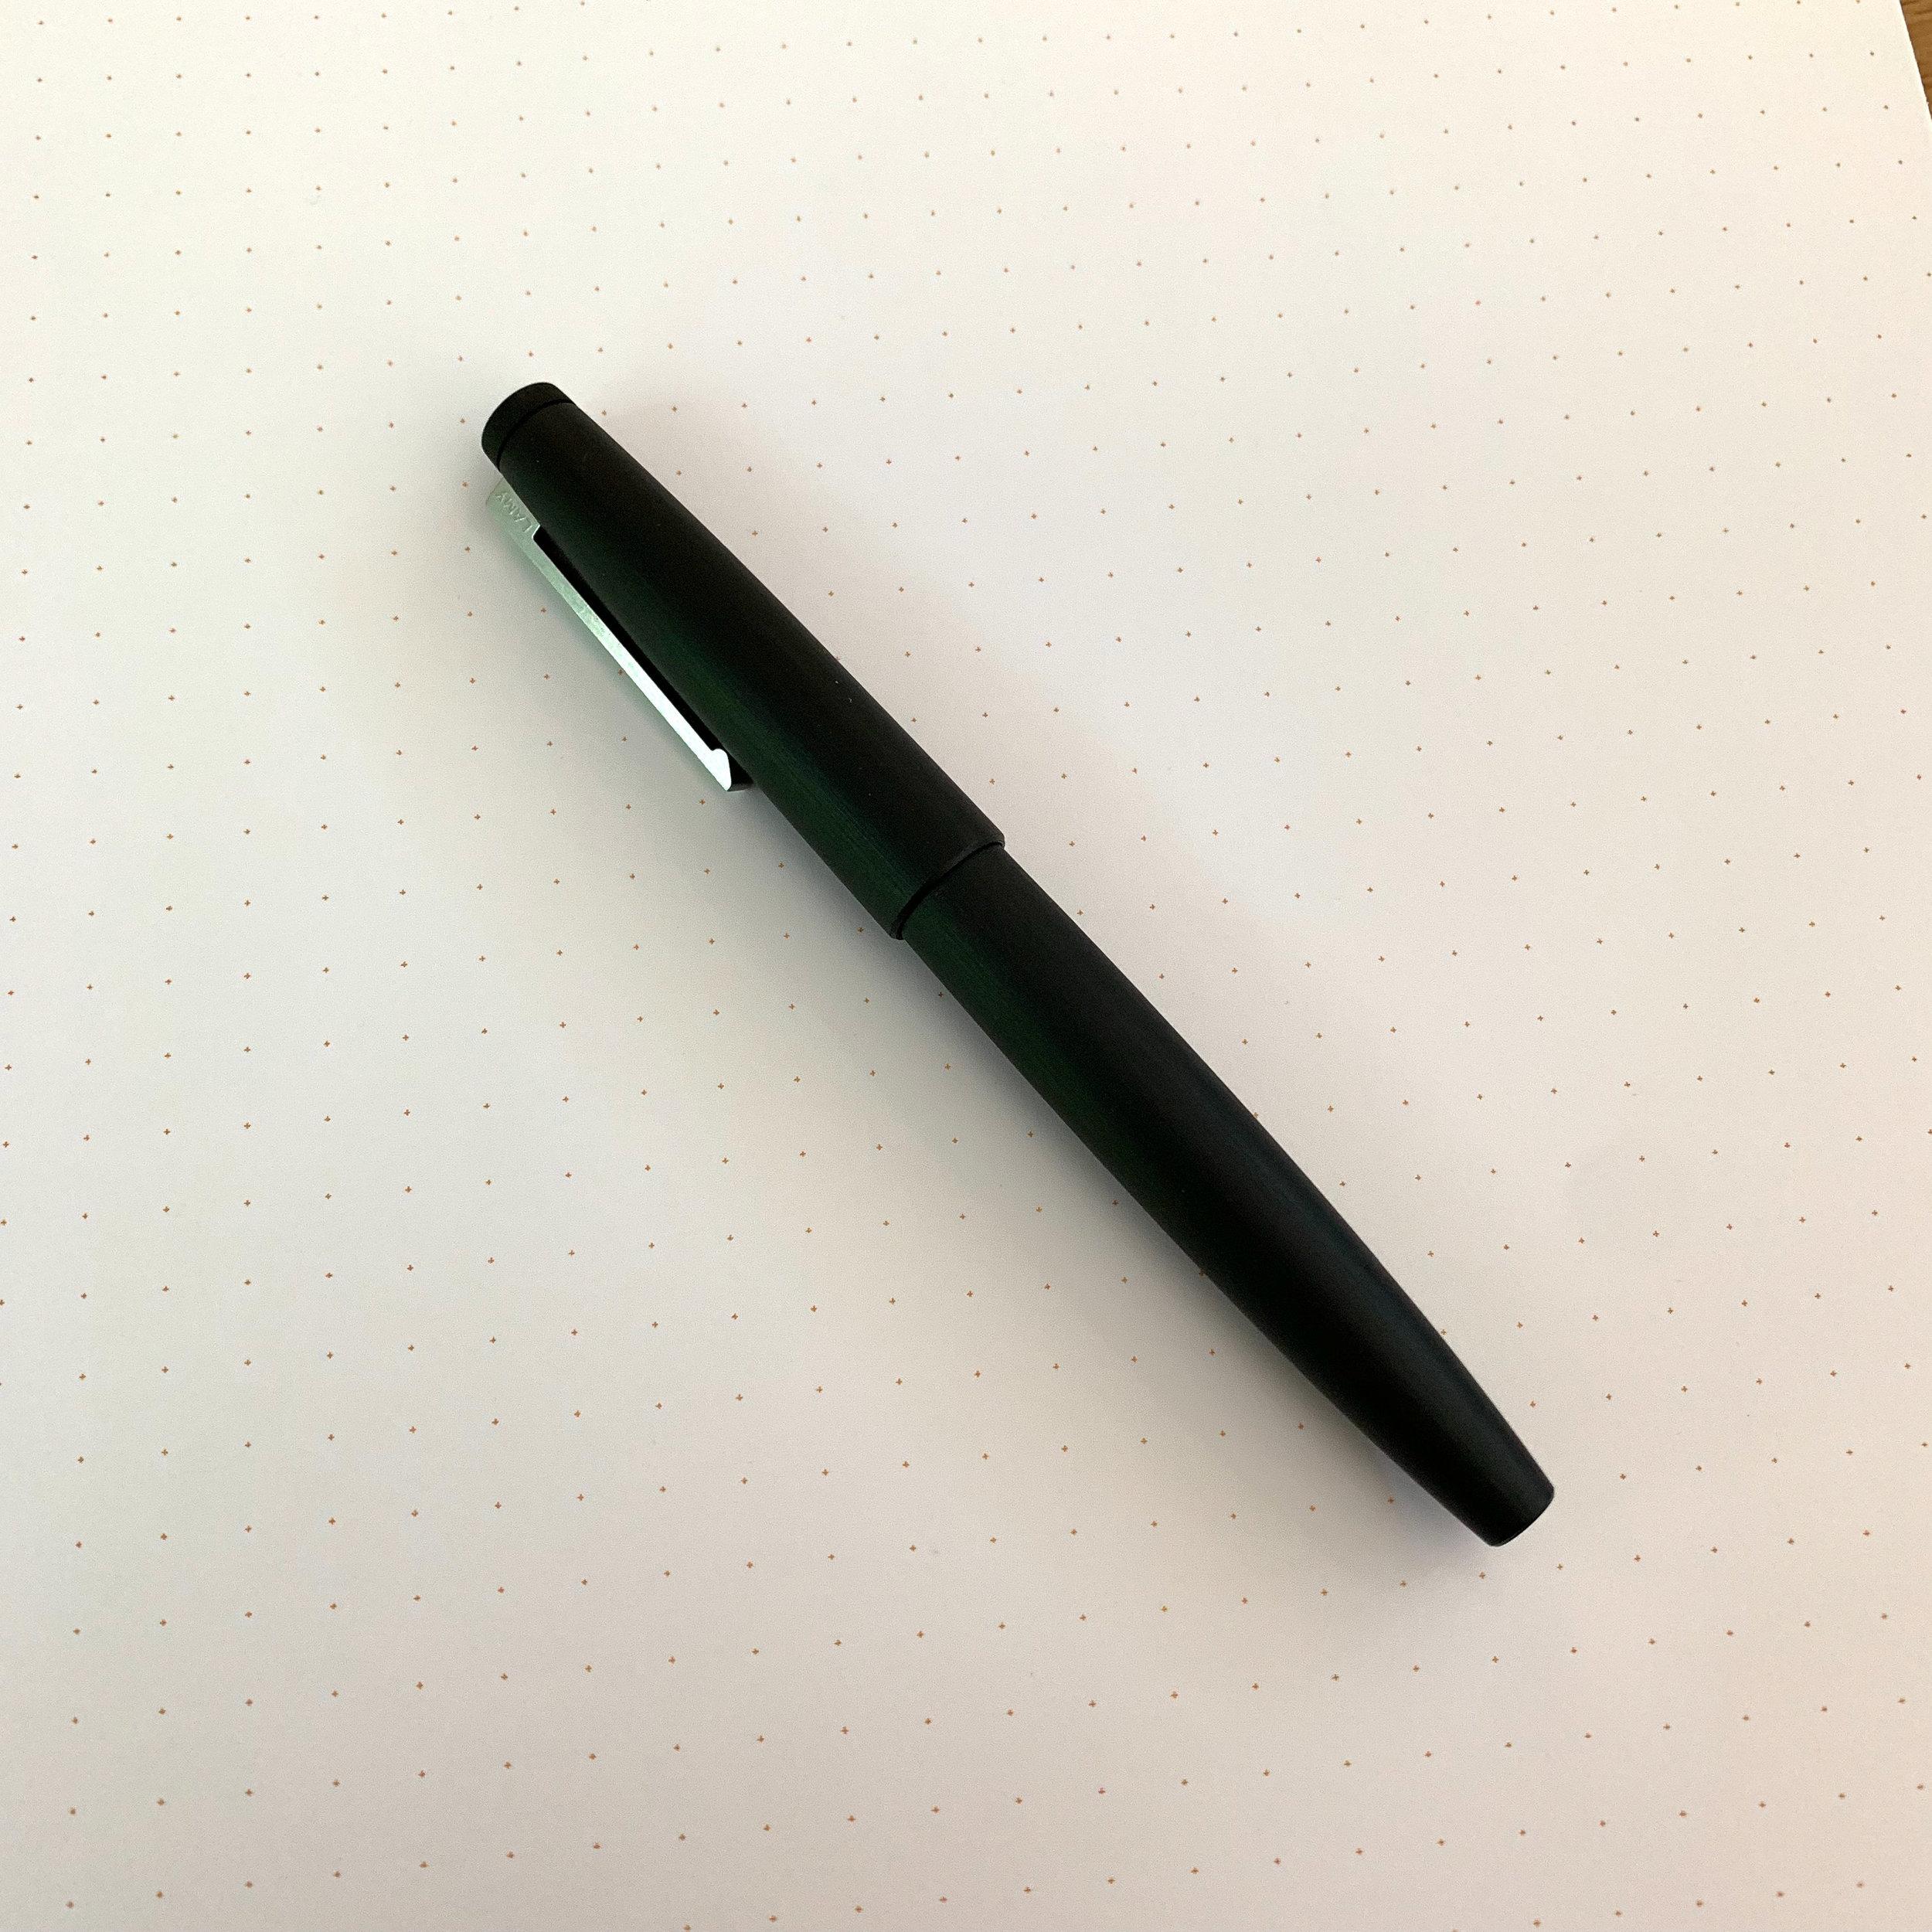 Lamy-2000-Rollerball-Pen